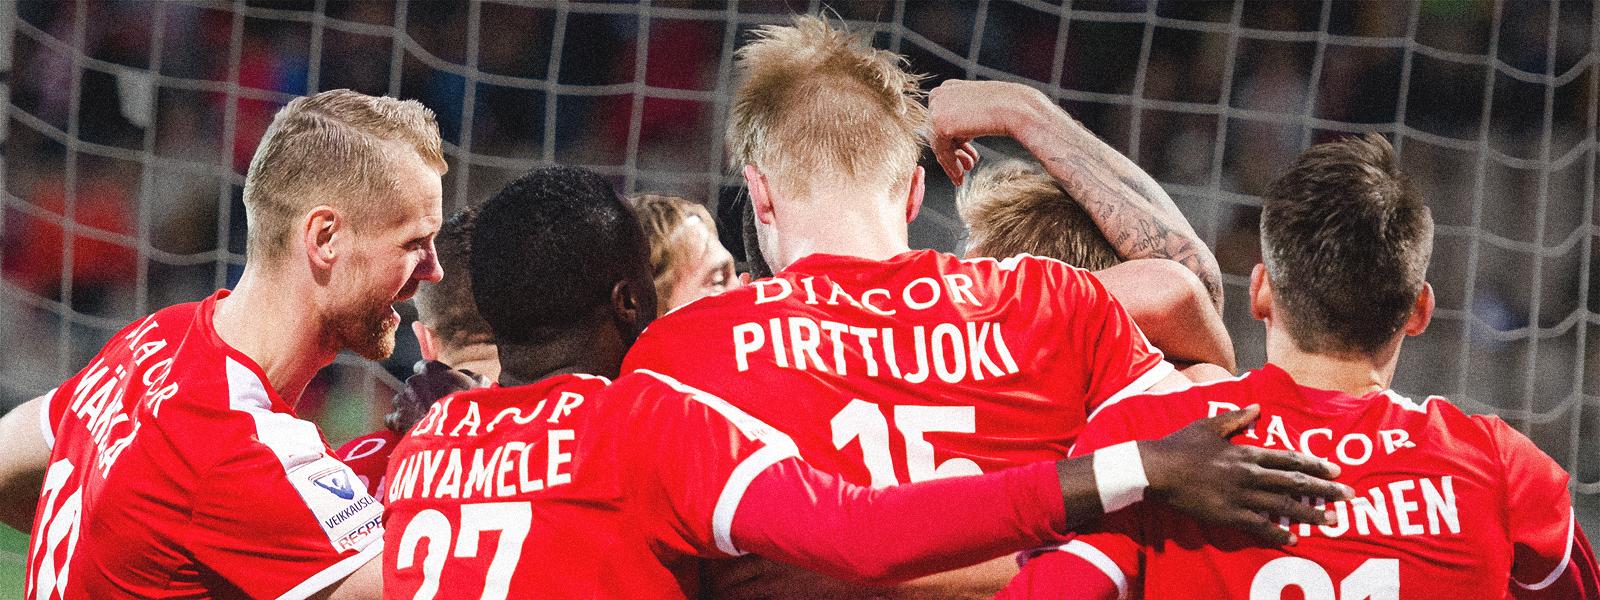 HIFK:lle toinen peräkkäinen voitto kauden ratkaisuhetkillä <br> &#8211; RE/MAX otteluraportti